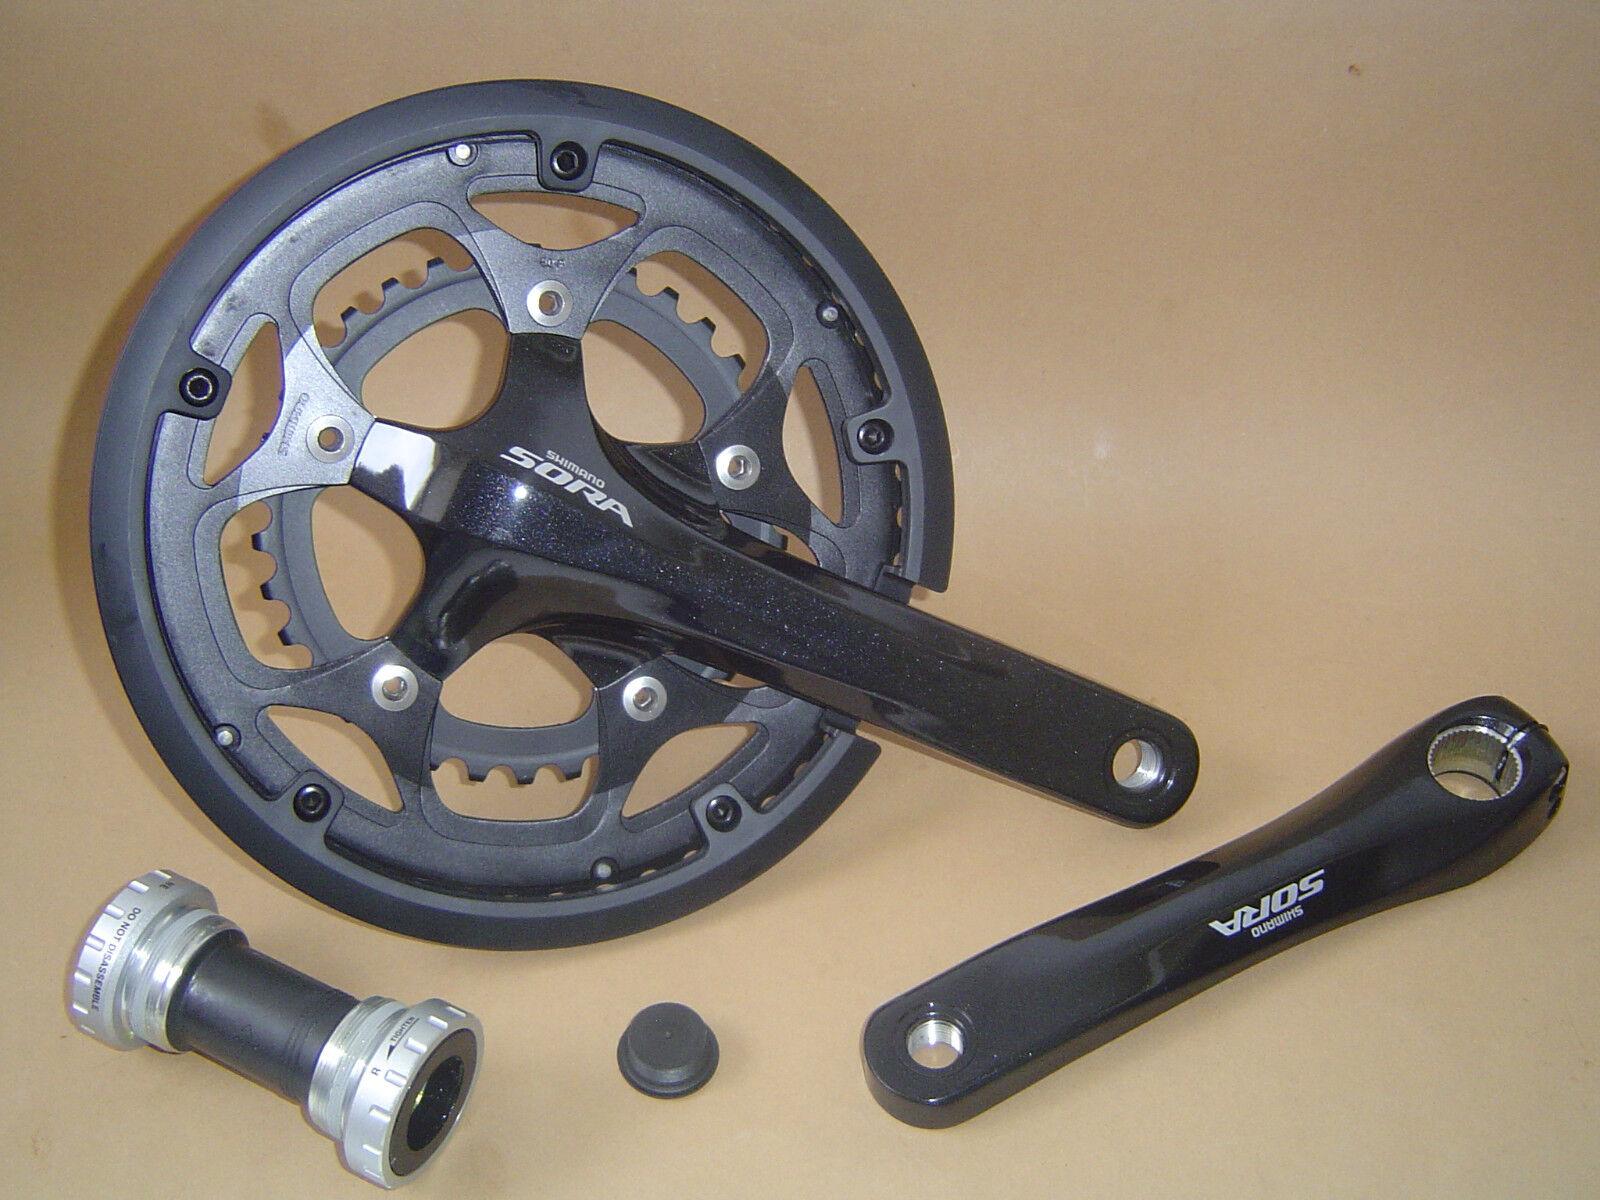 Shimano Sora FC-3550 Kurbel mit Kettenschutz 2x9-Fach 50 34 Zähne 170mm black